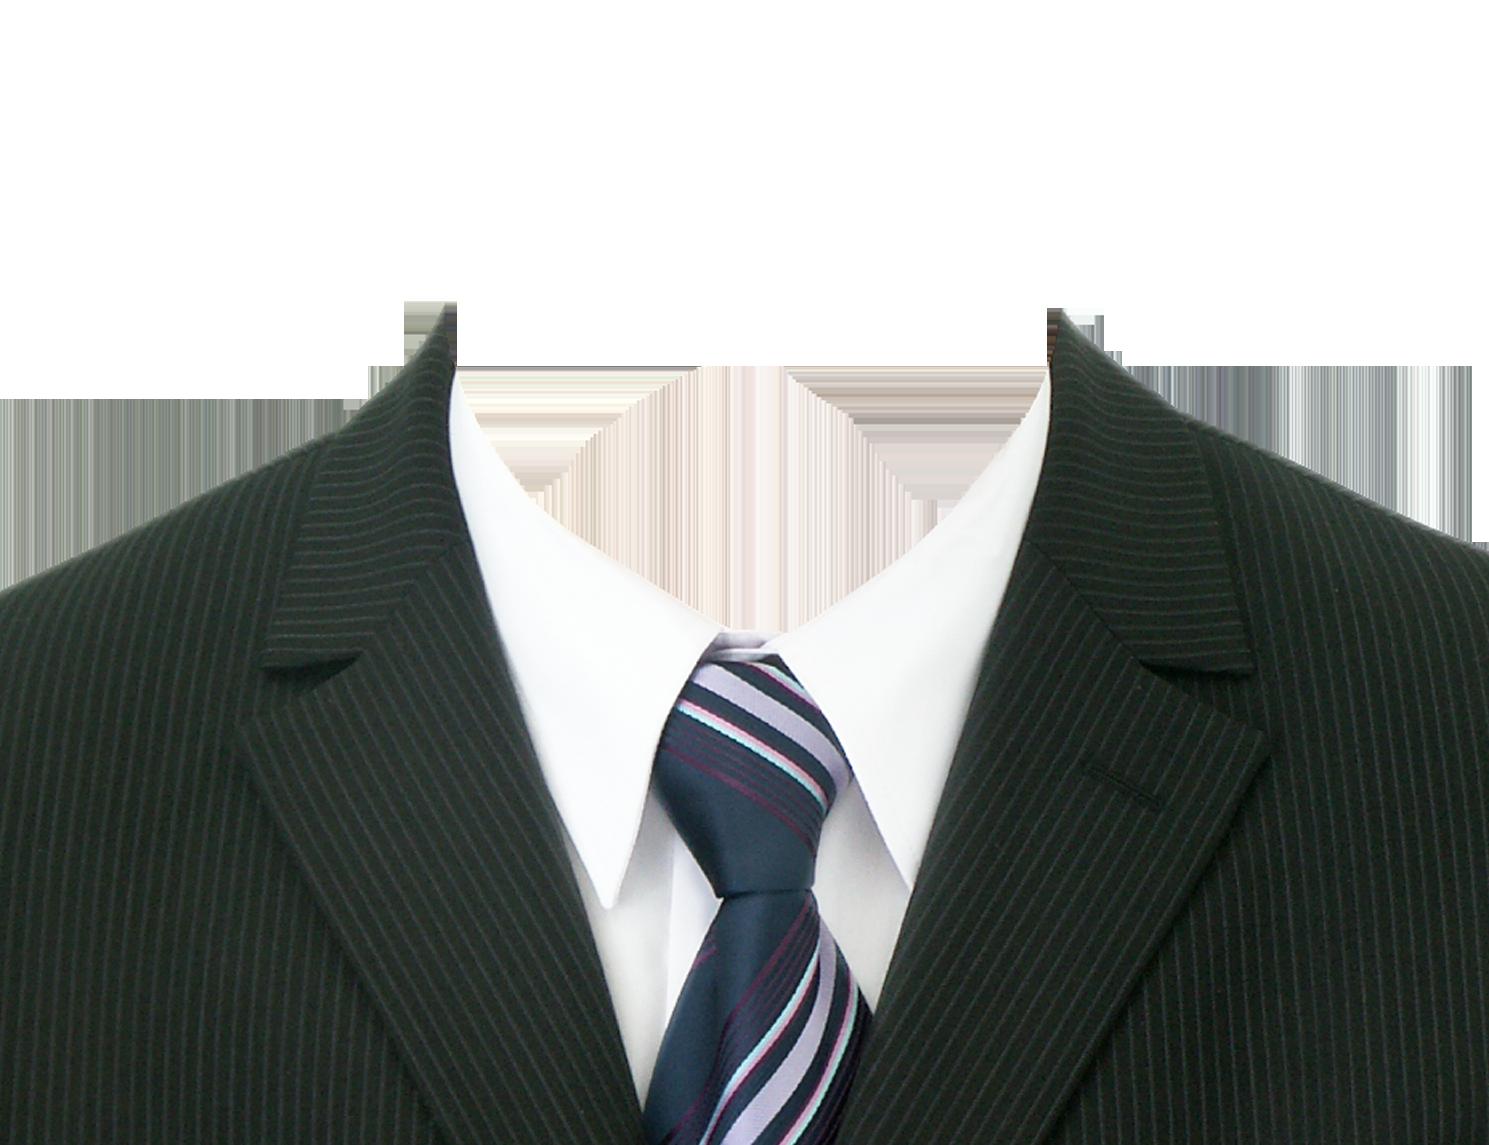 Mr clipart suited man. Suit png image ajit